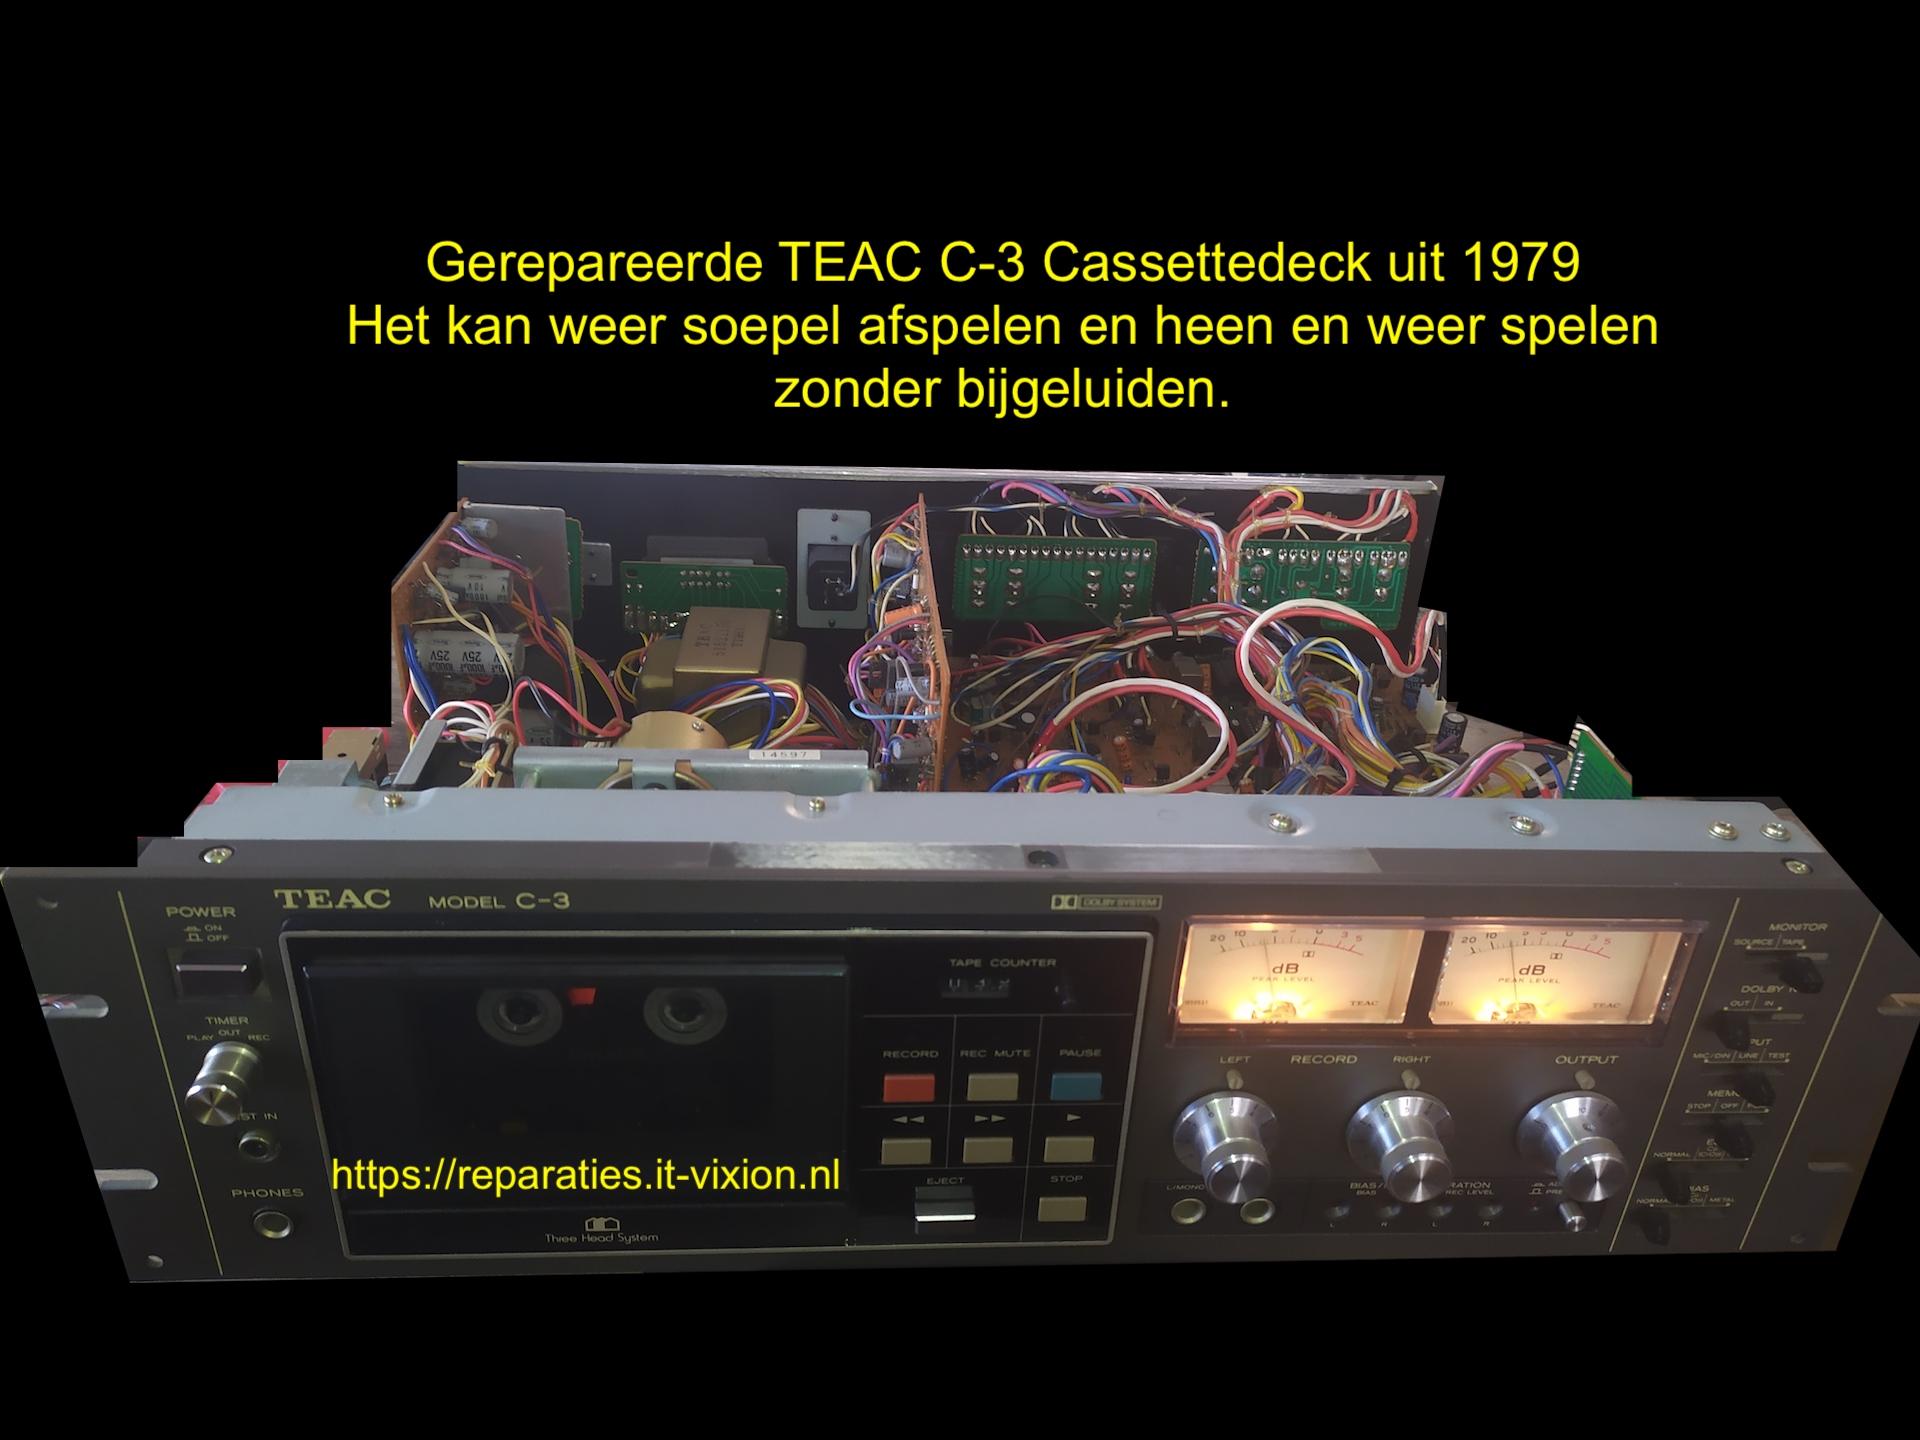 TEAC C-3 Cassettedeck uit 1979